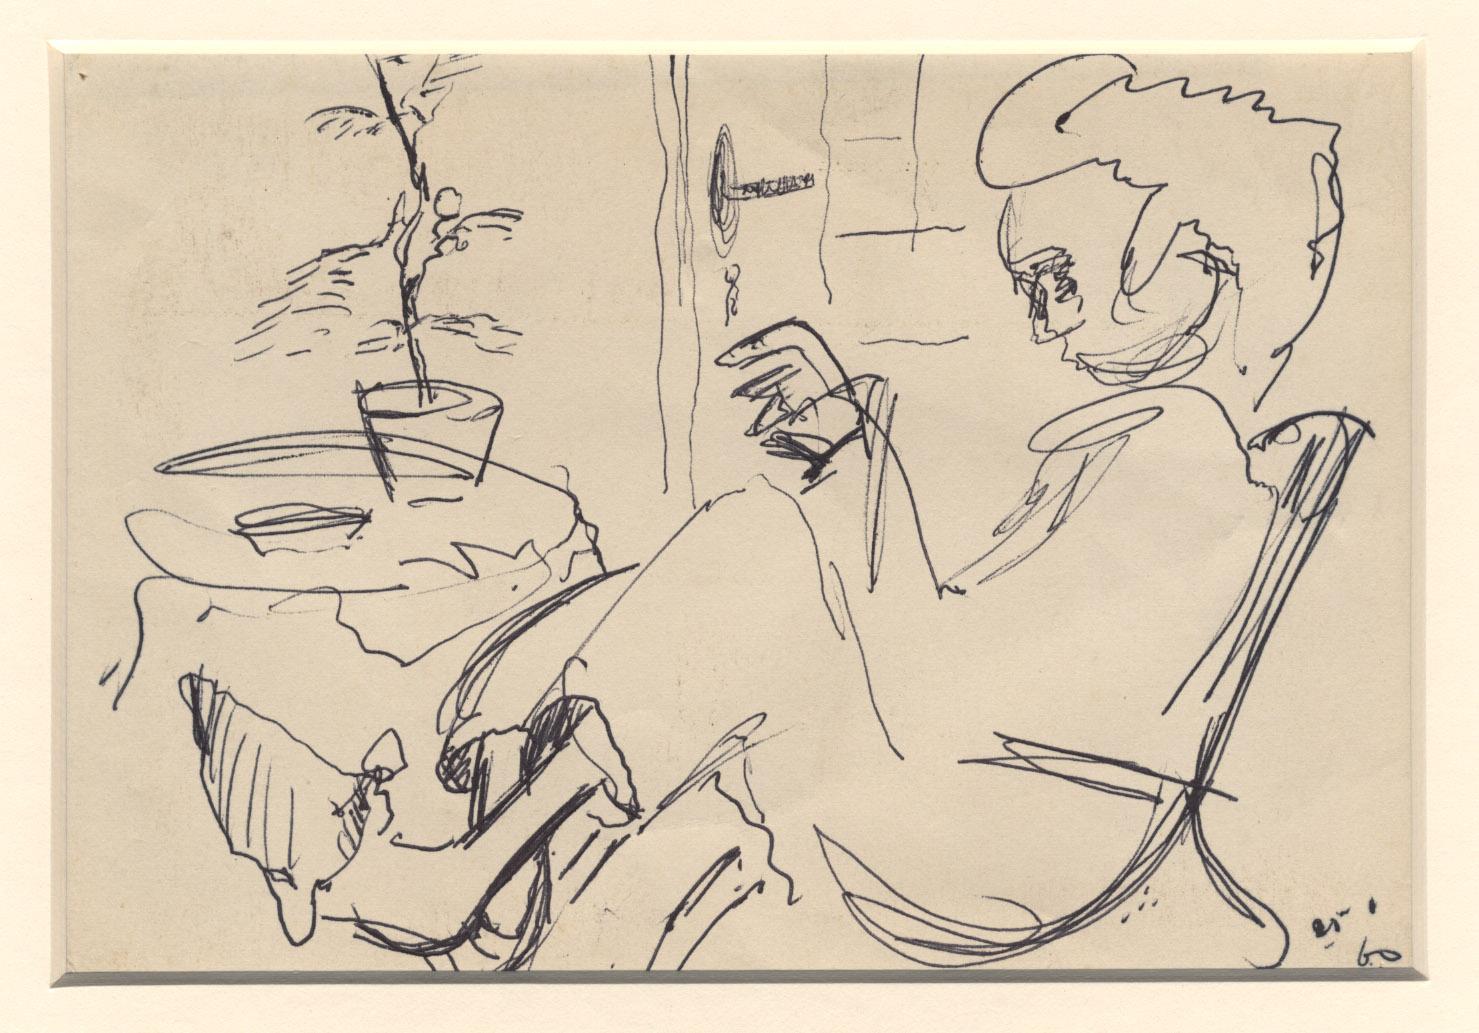 Het portret van een patiënt met een zere voet